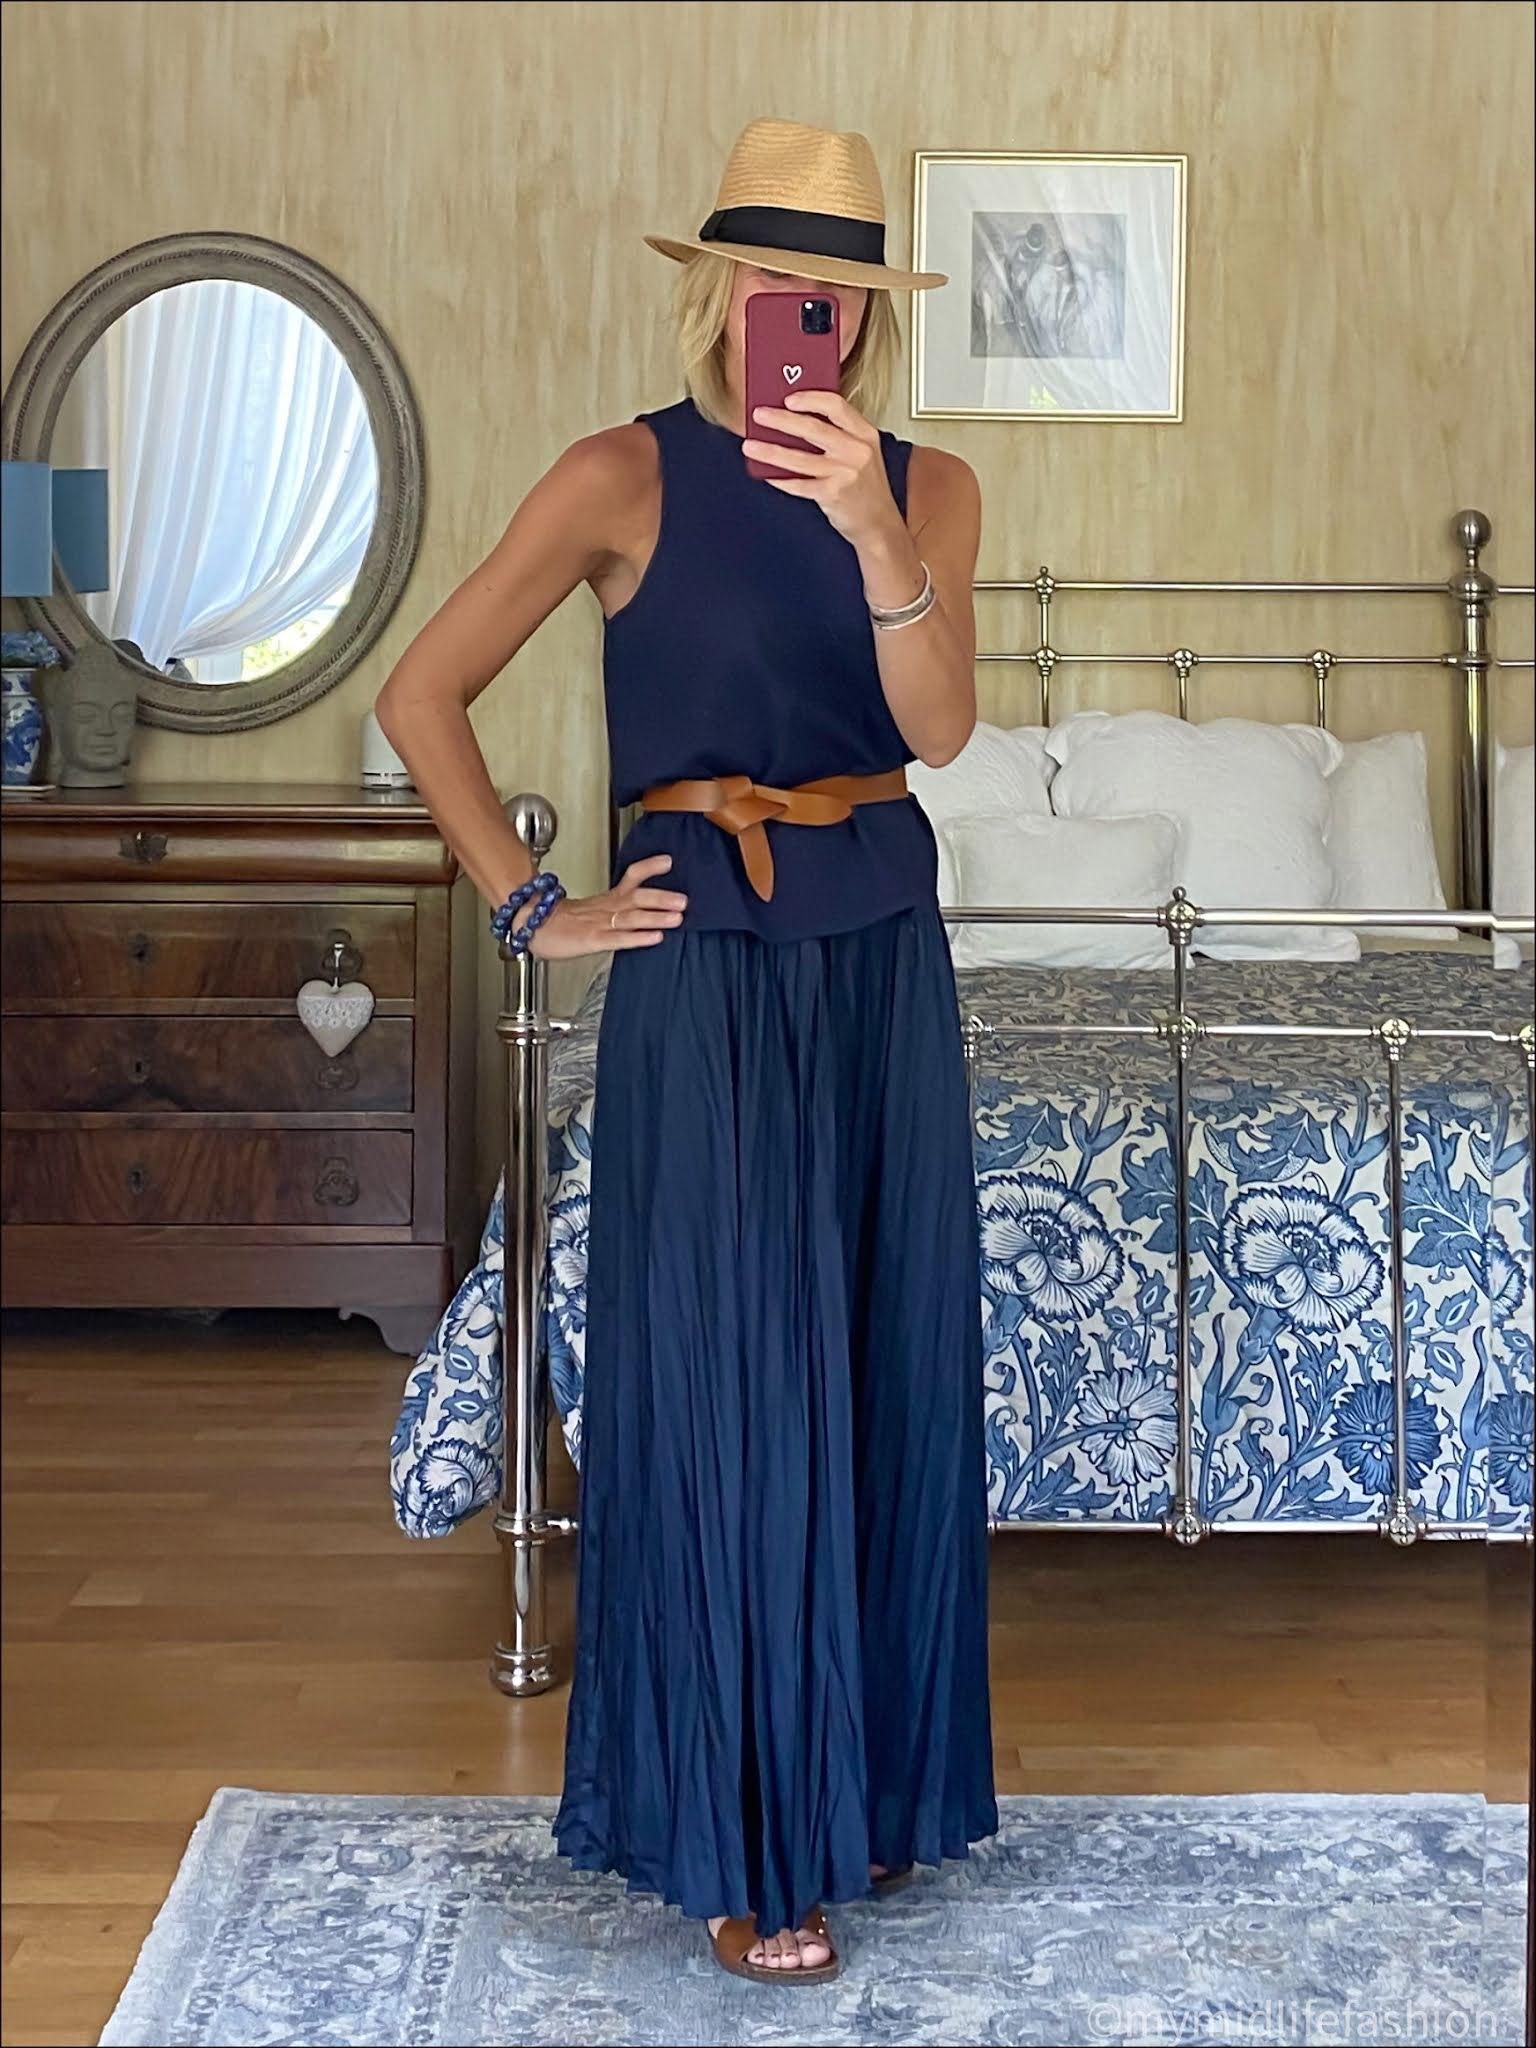 my midlife fashion, tibi sleeveless top, Isabel marant leather belt, Zara satin maxi skirt, basalt studded leather slides